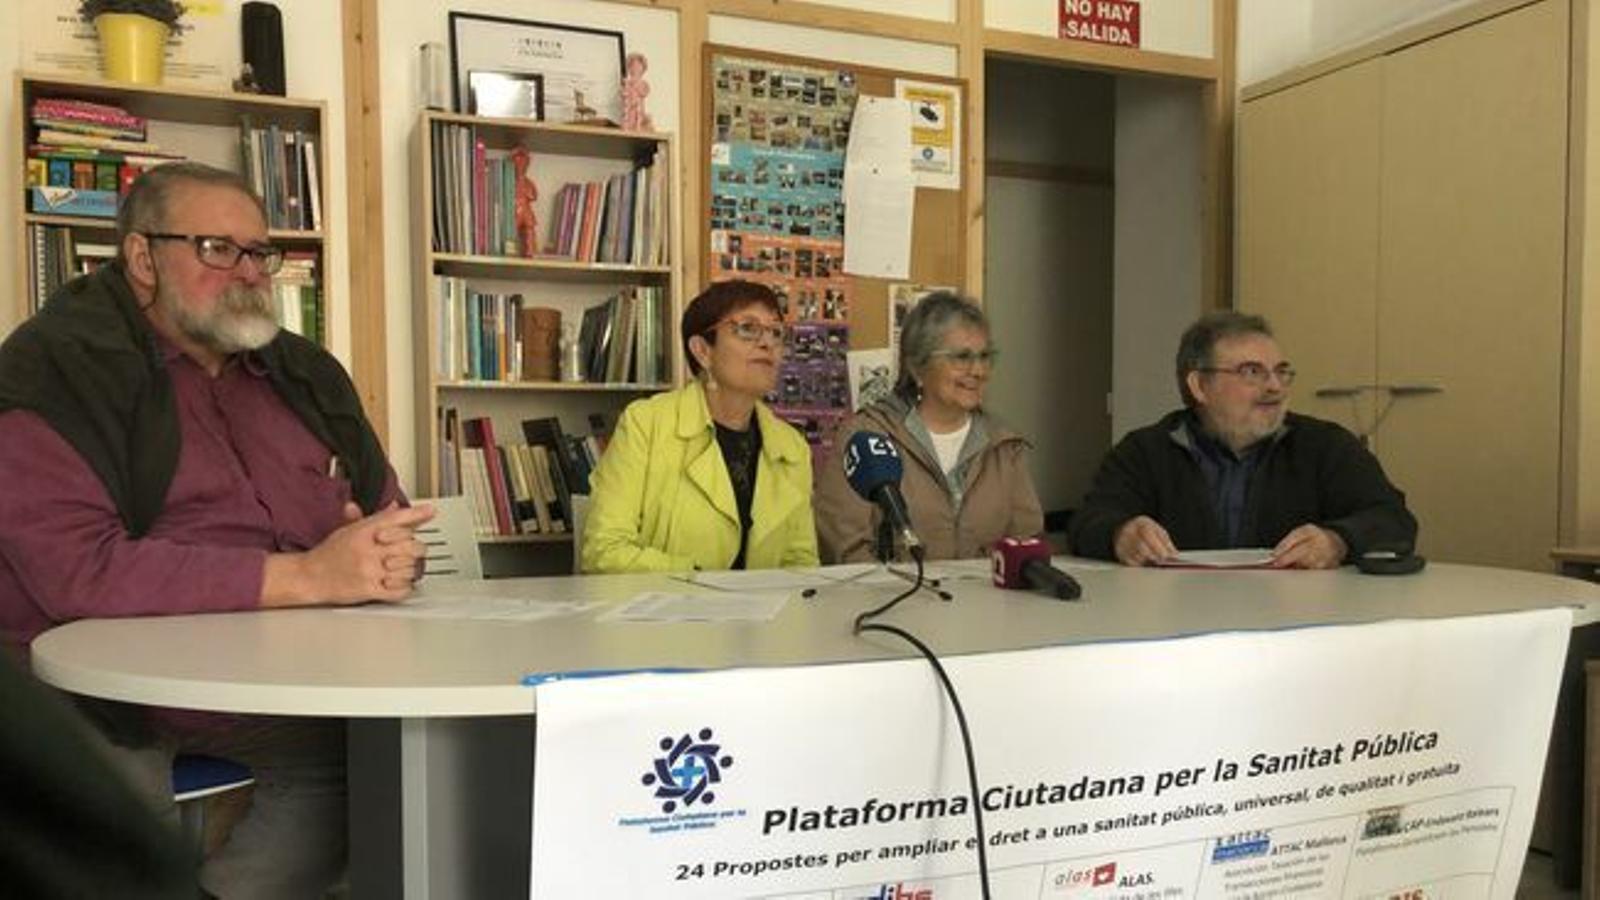 Només els partits d'esquerra assumeixen les propostes de la Plataforma Ciutadana per la Sanitat Pública